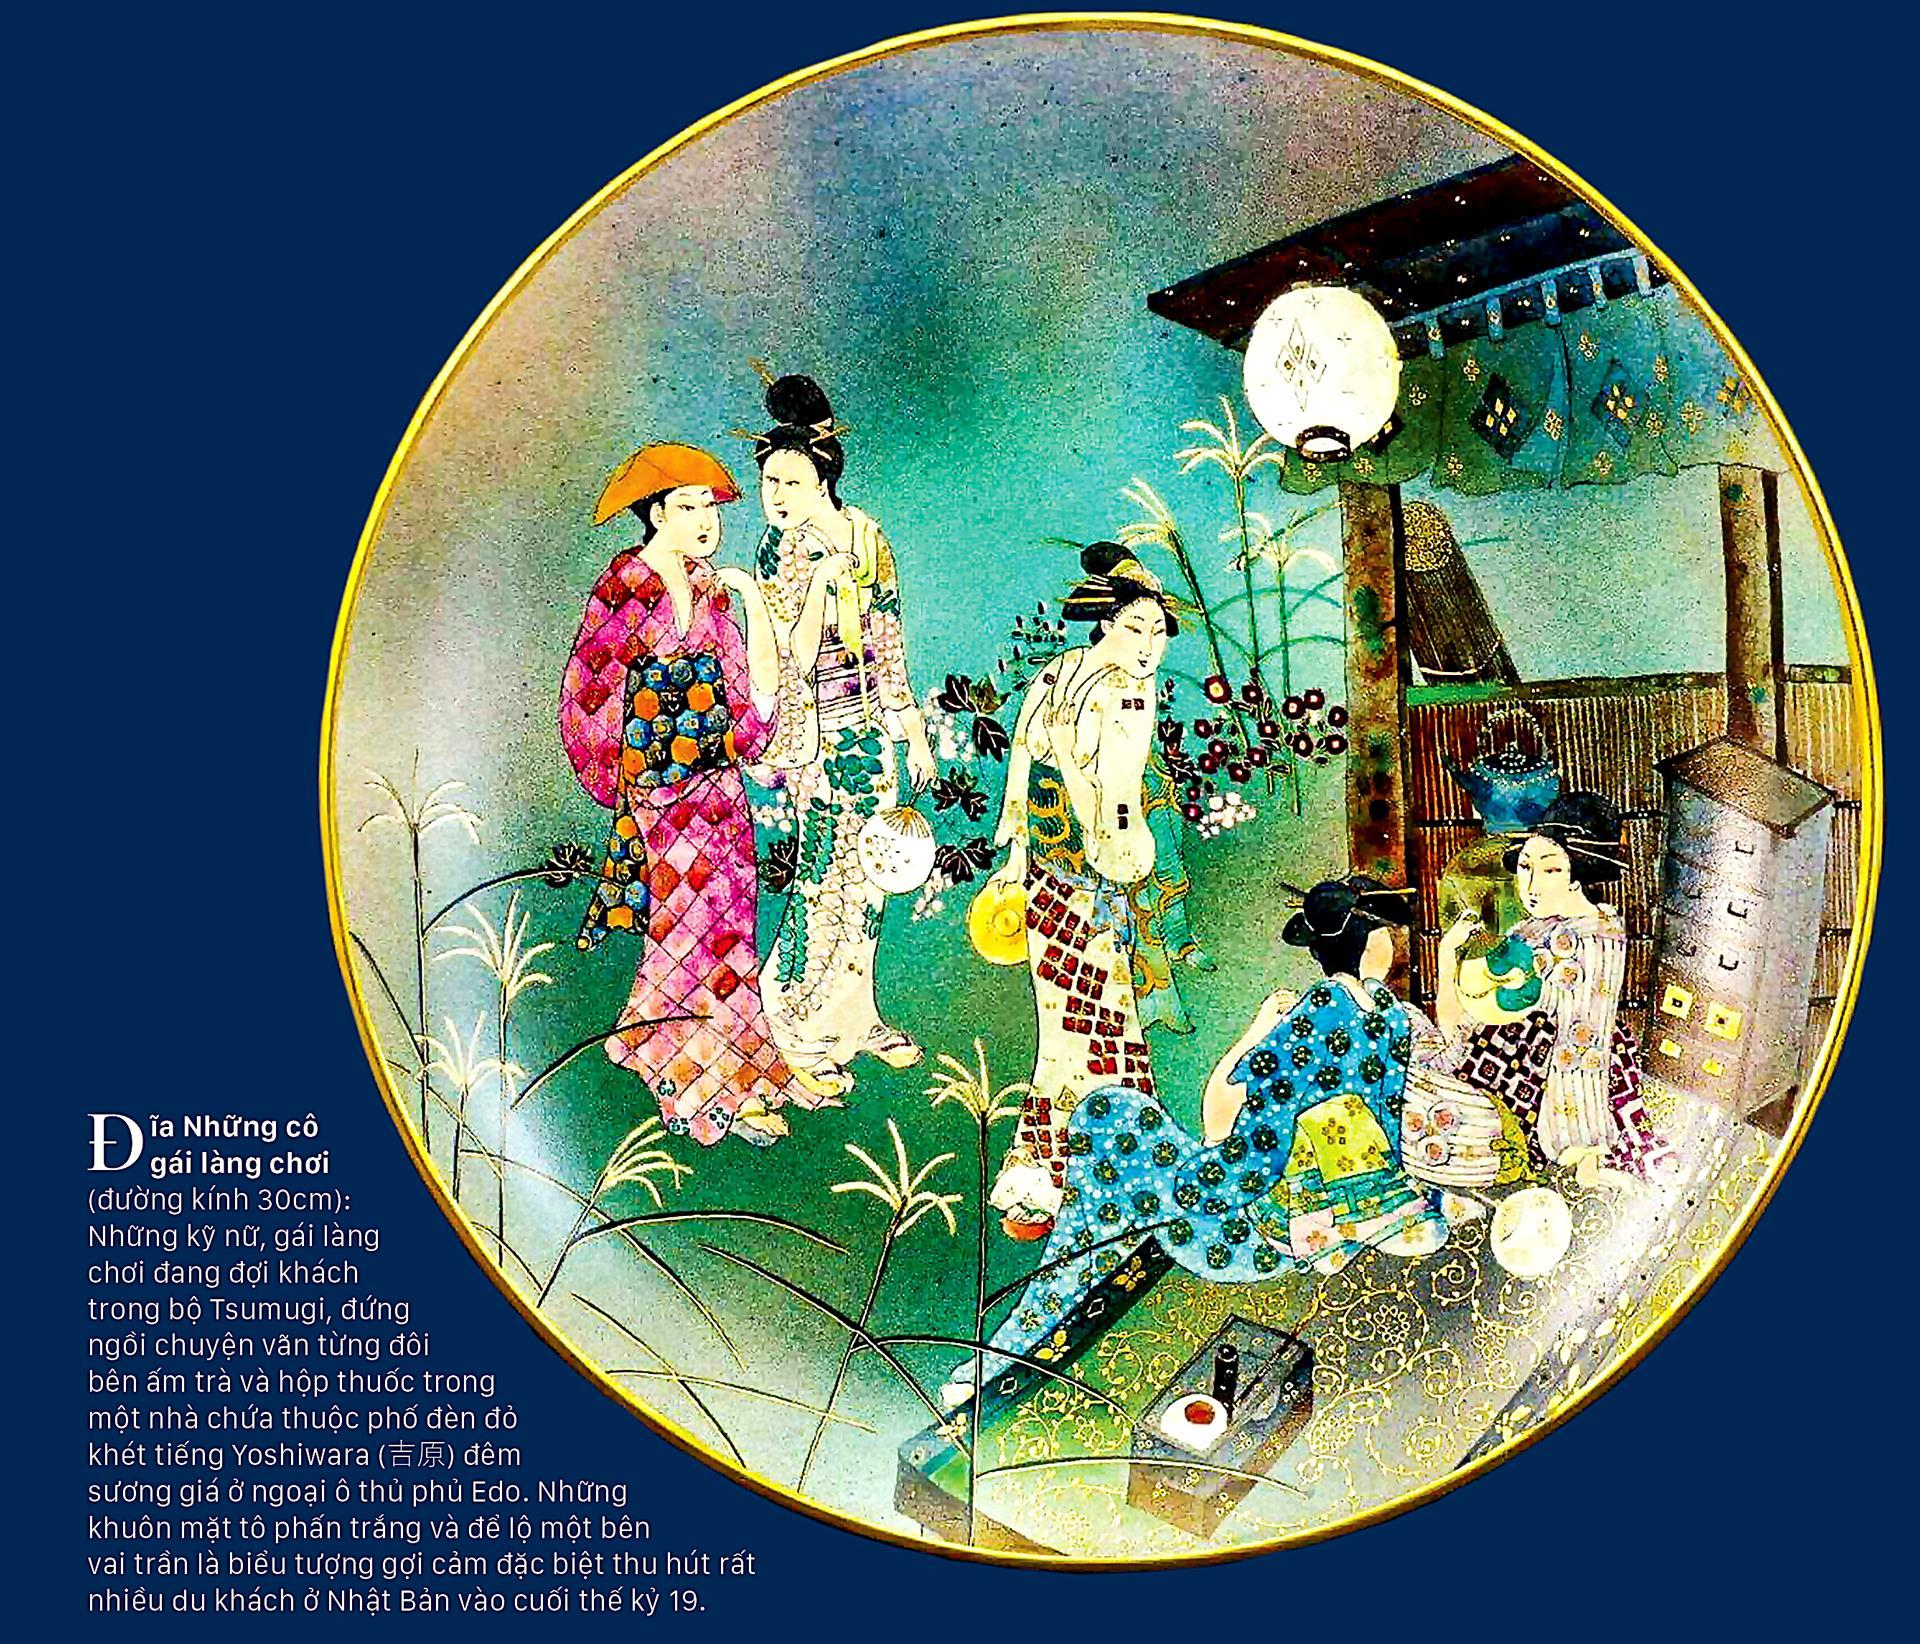 Tao nhã trang phục Kimono trên gốm cổ ảnh 4